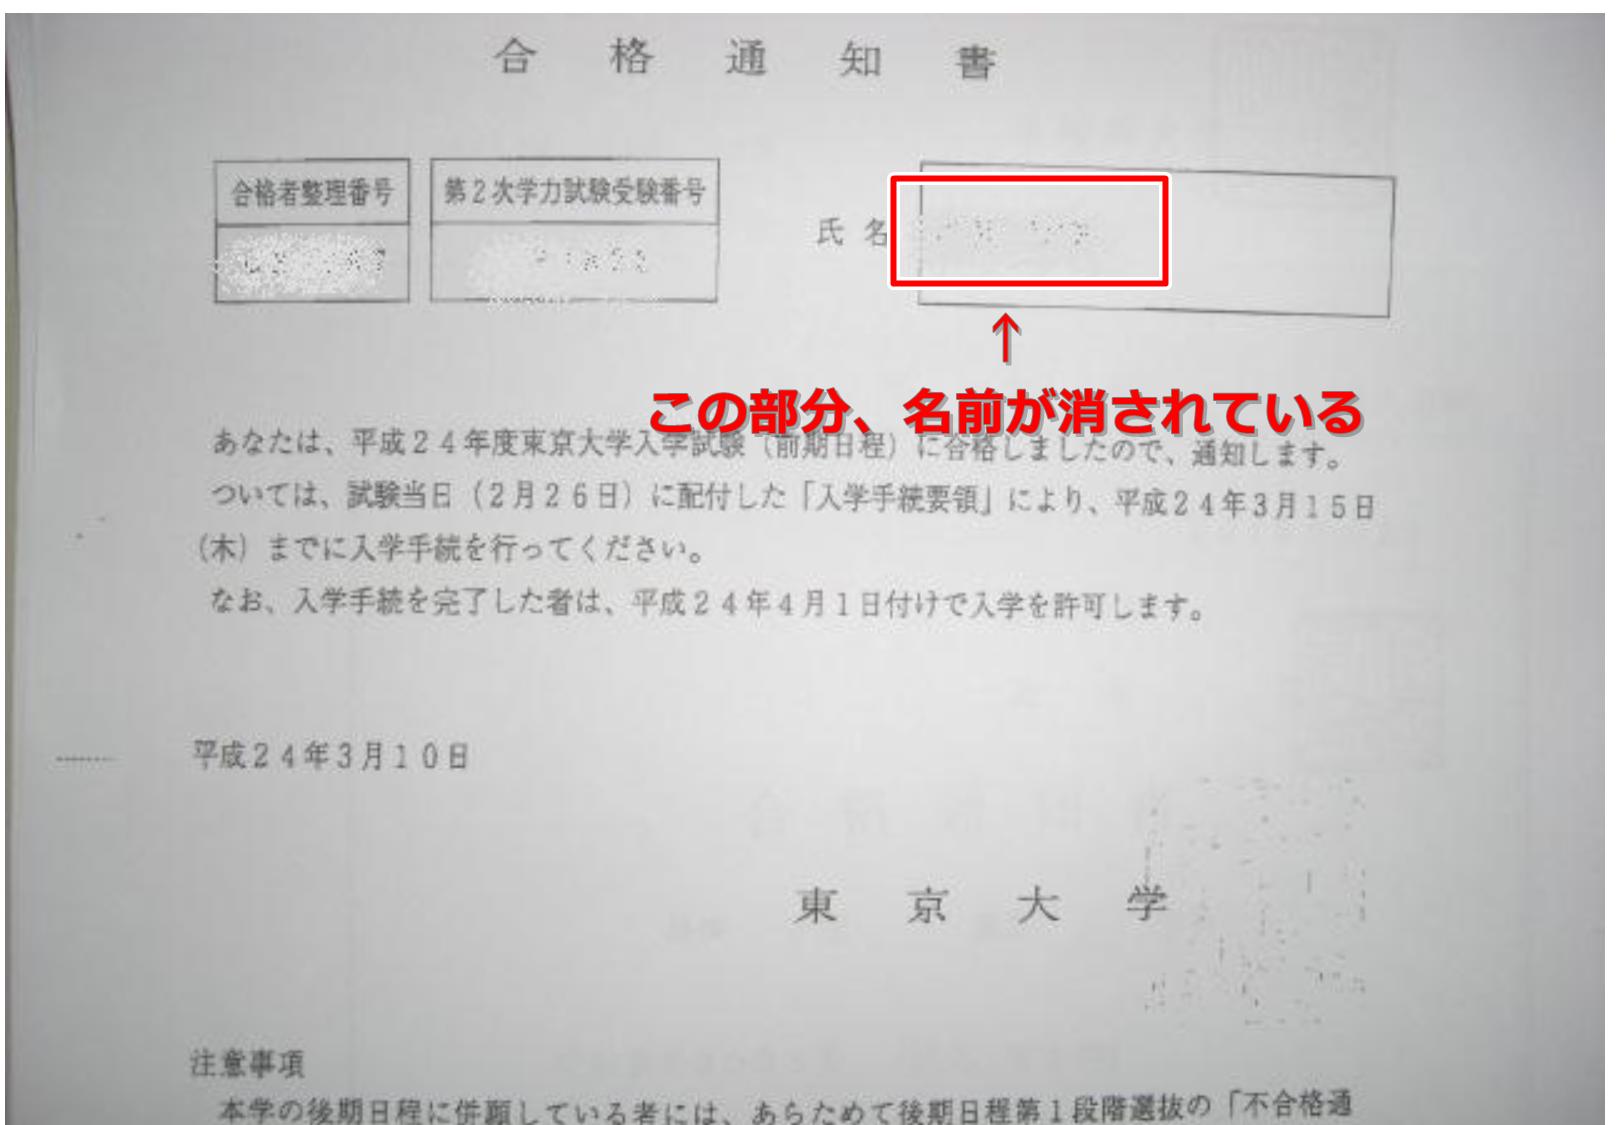 立山健吾 仮想通貨ABCプロジェクト6